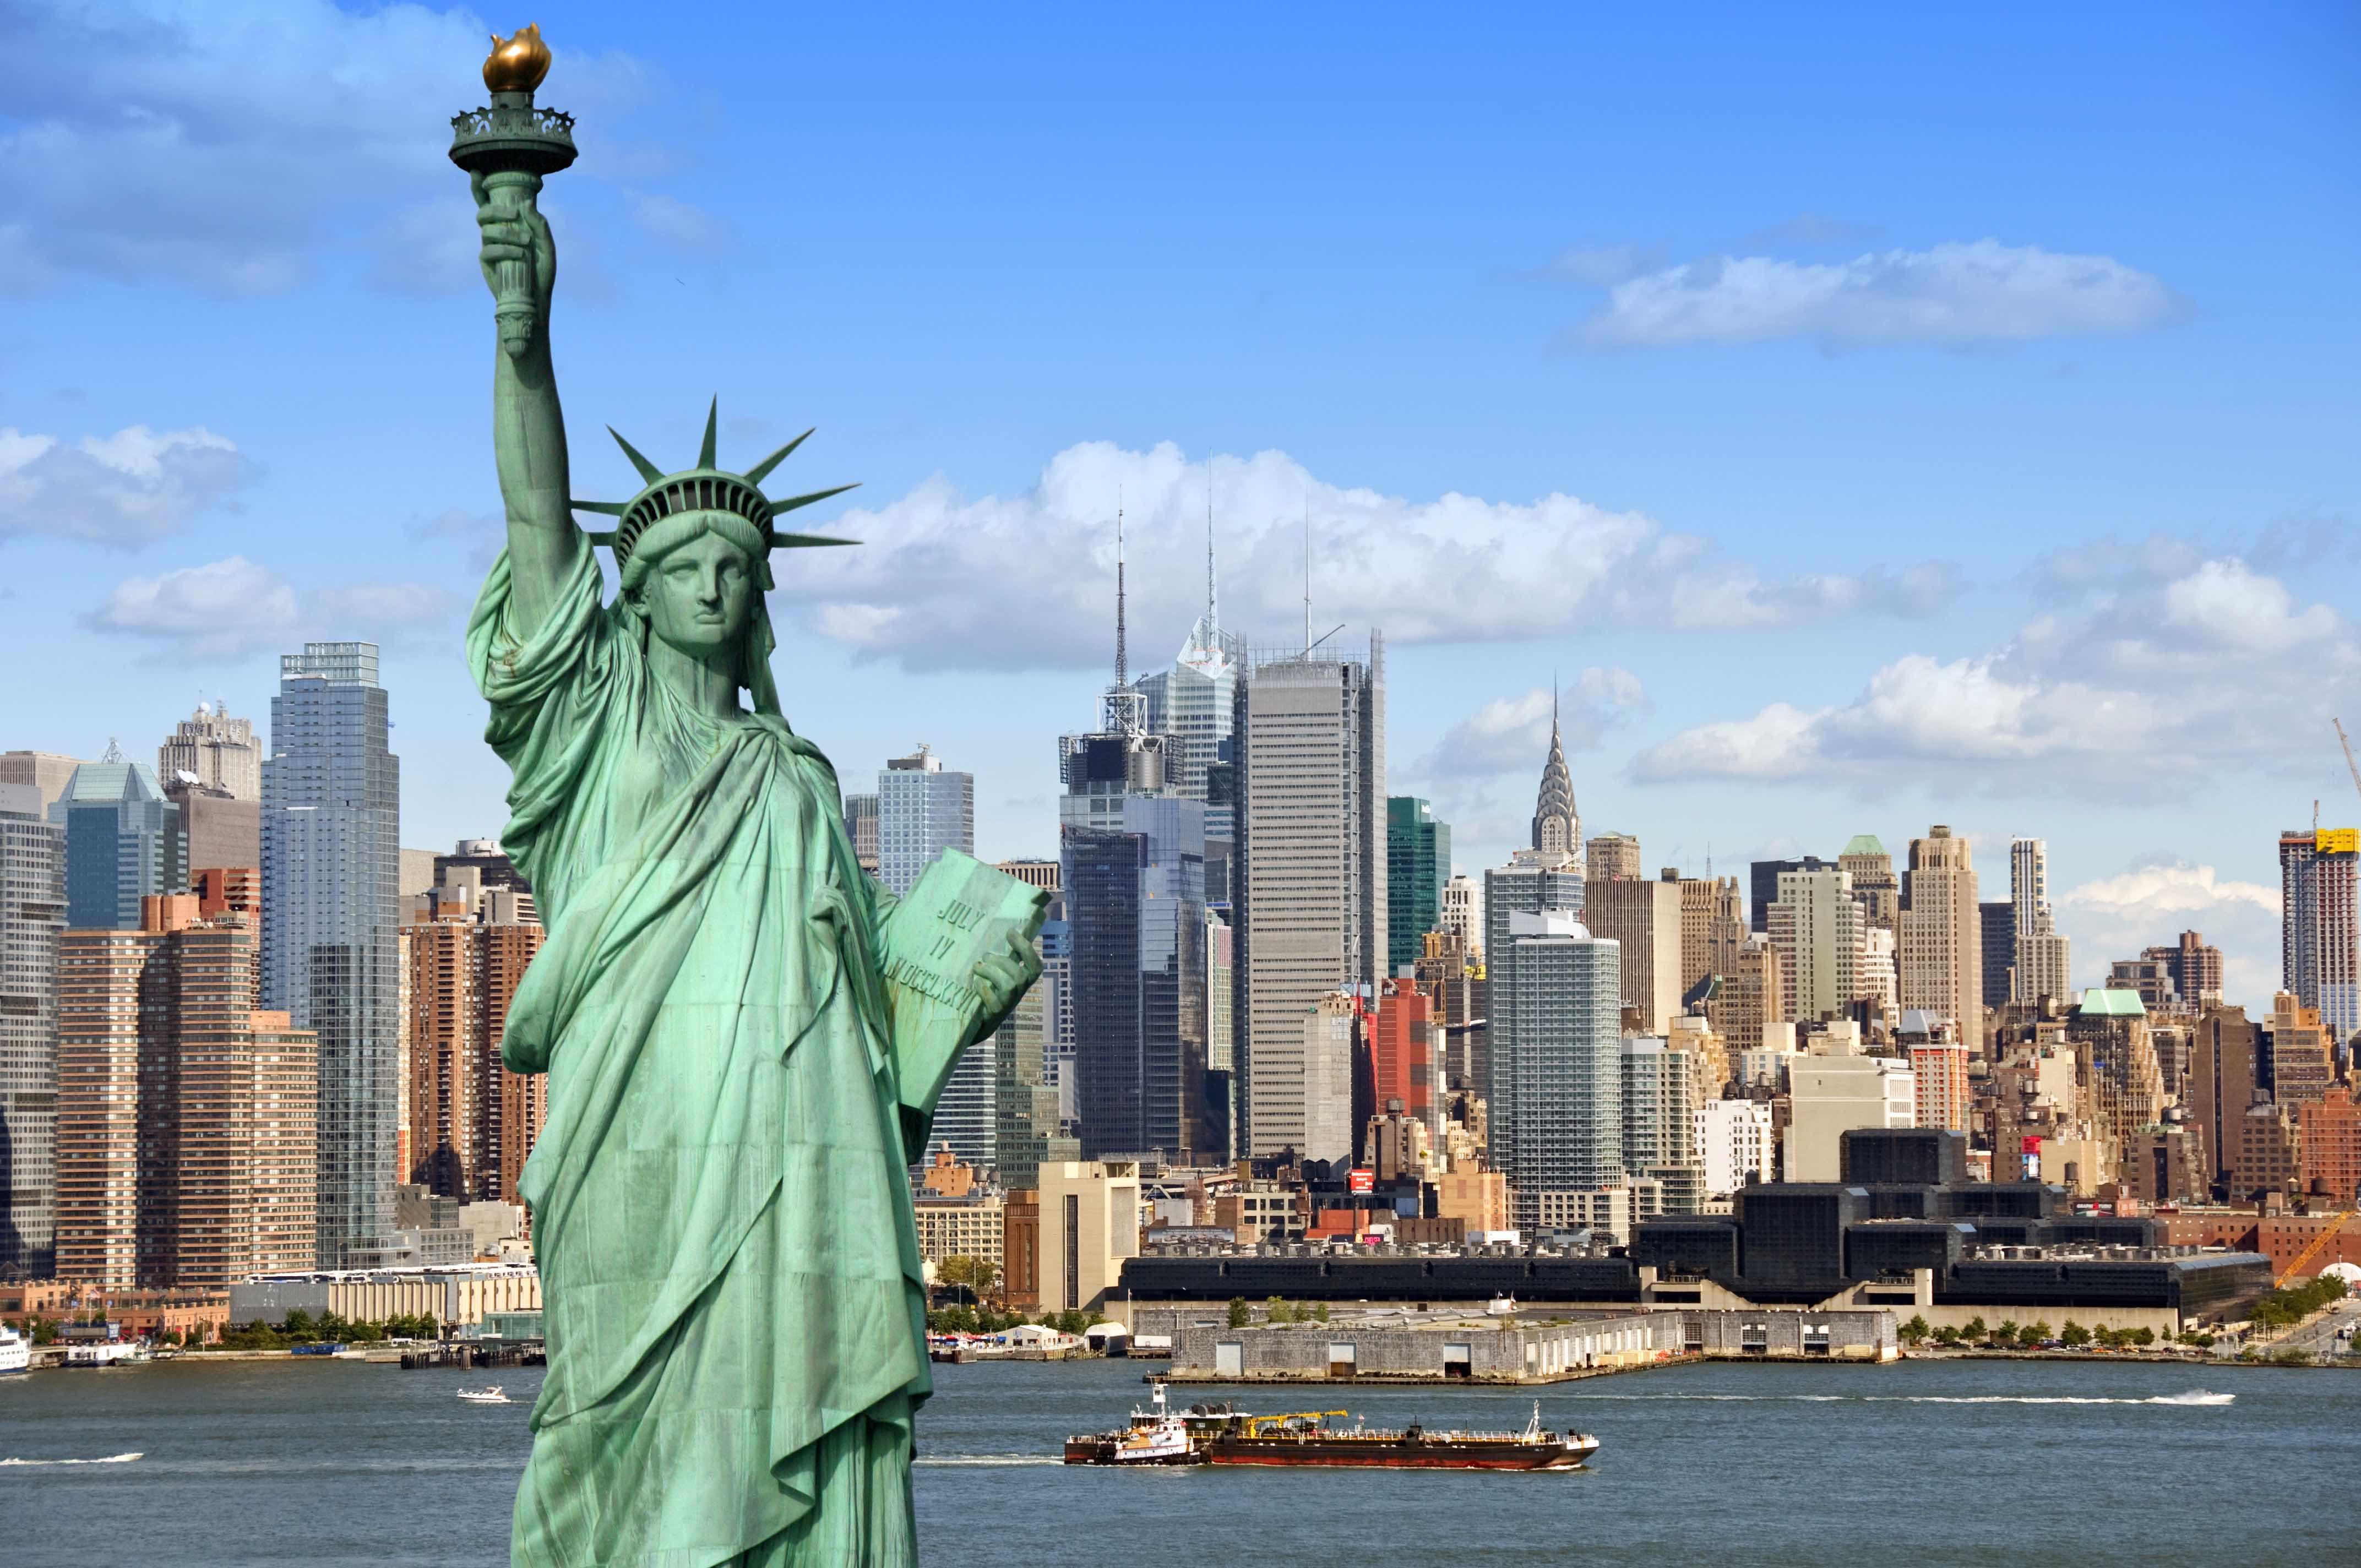 【티켓】 뉴욕 자유의 여신상, 엘리스 섬 유람선 (엘리스 섬 이민 박물관 입장권, 오디오 가이드 포함)